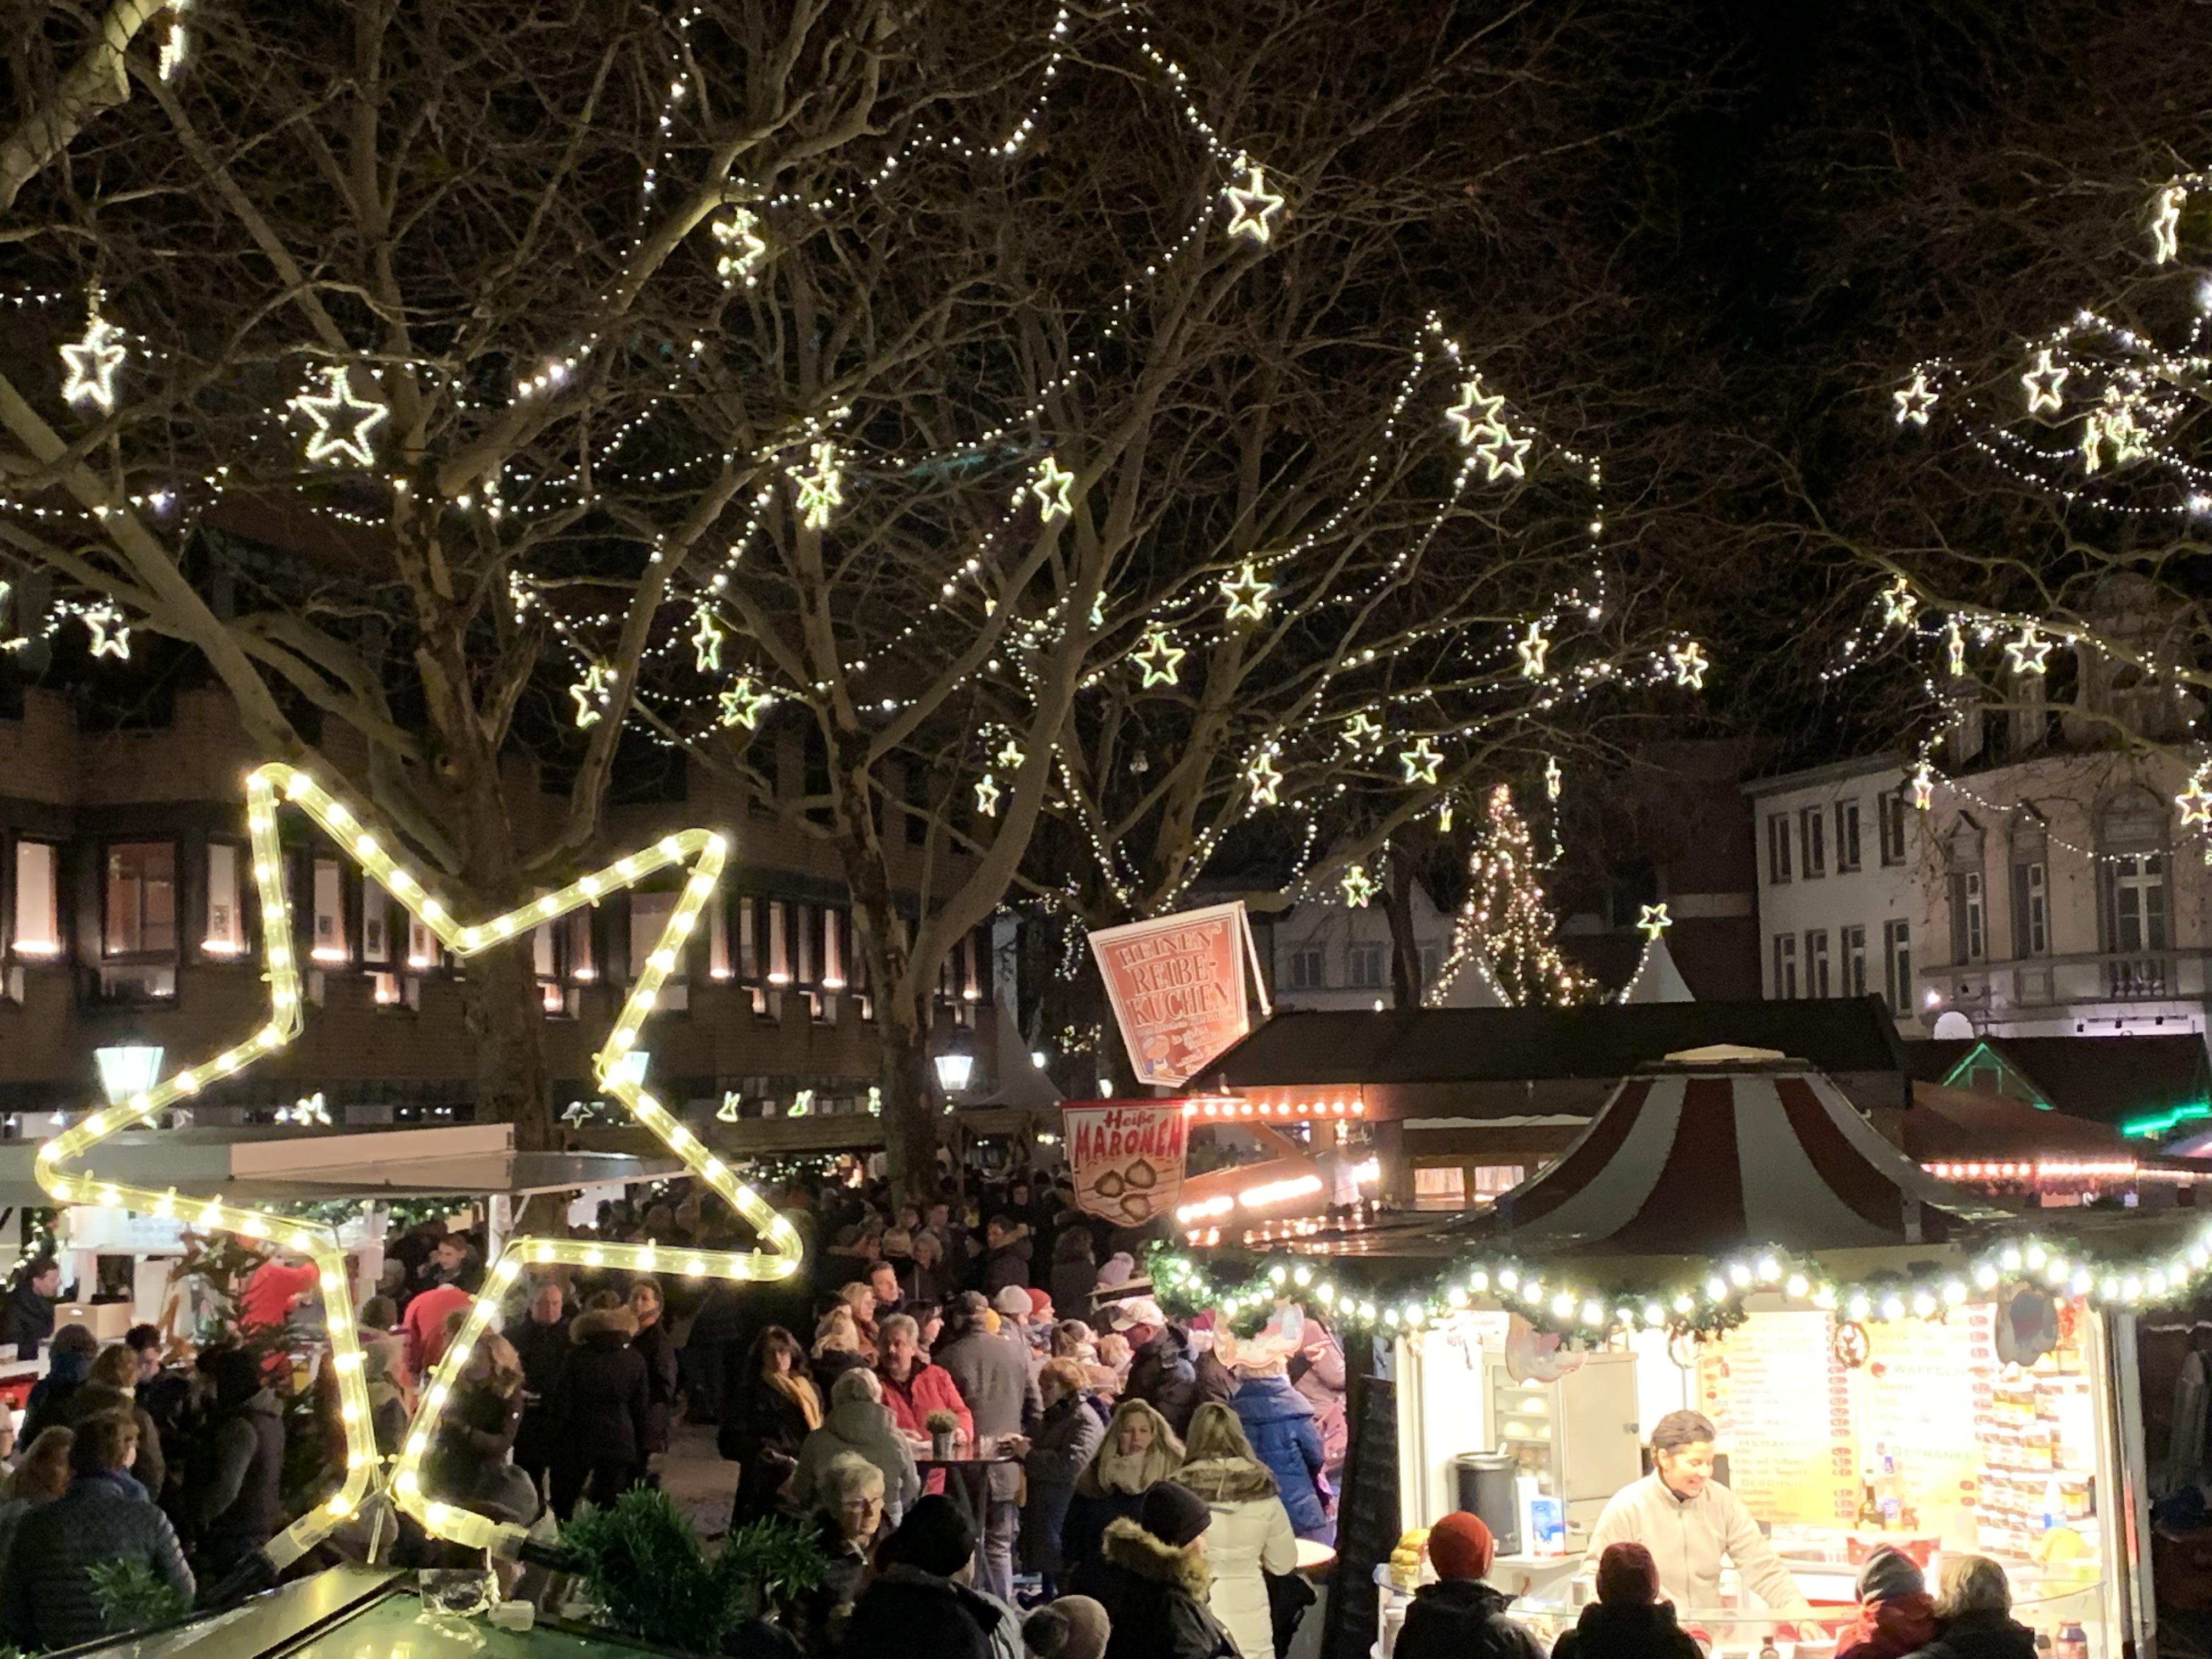 Weihnachtsmarkt Kempen.Markt Der Sterne Markt Der Sterne